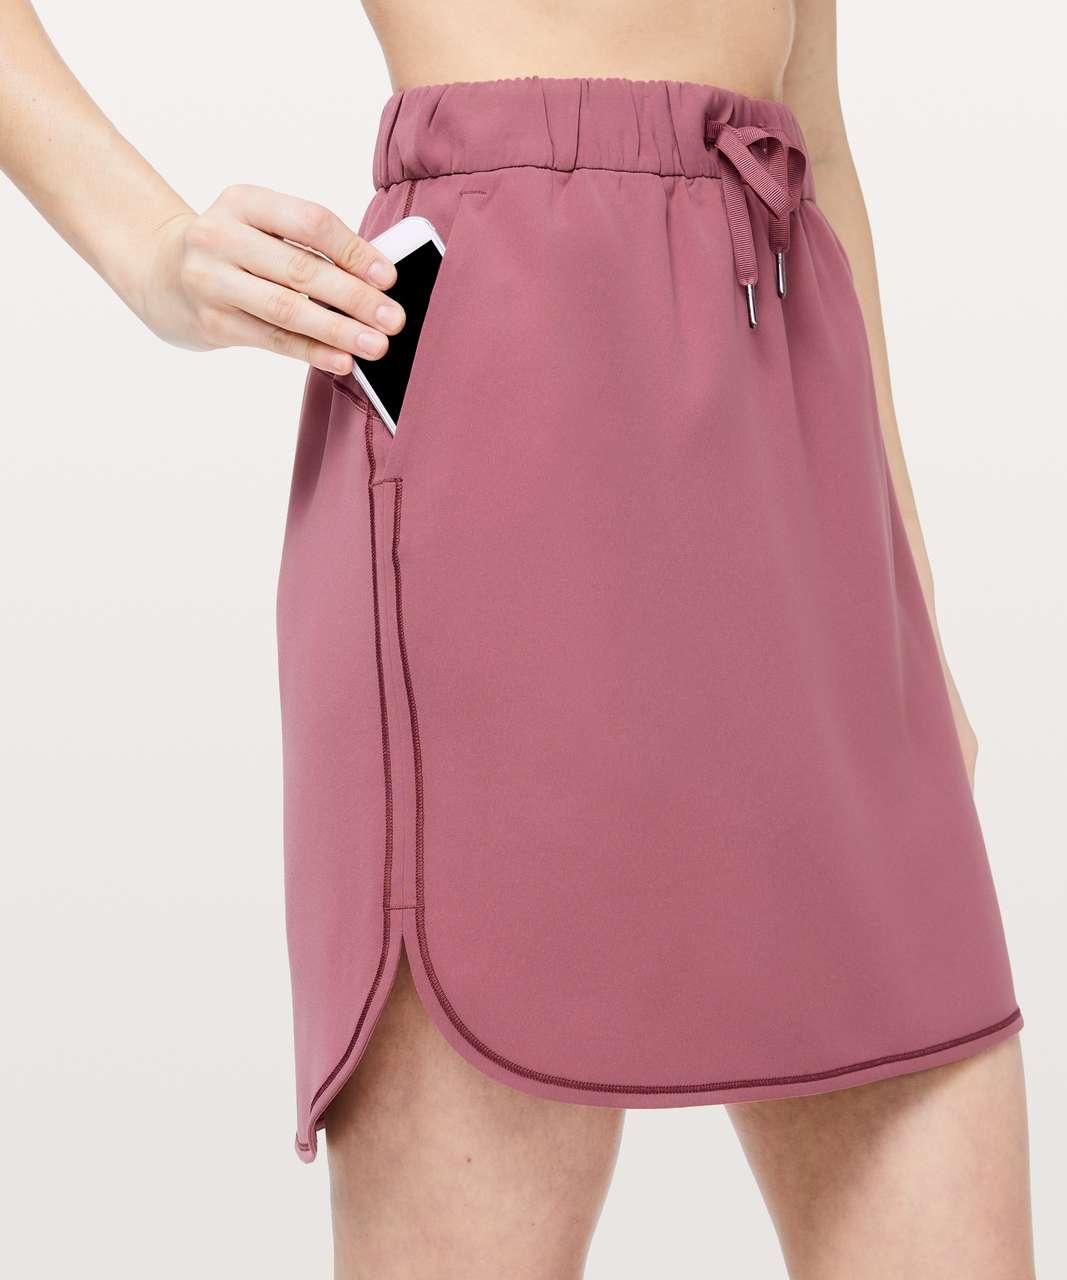 Lululemon On The Fly Skirt *Woven - Misty Merlot